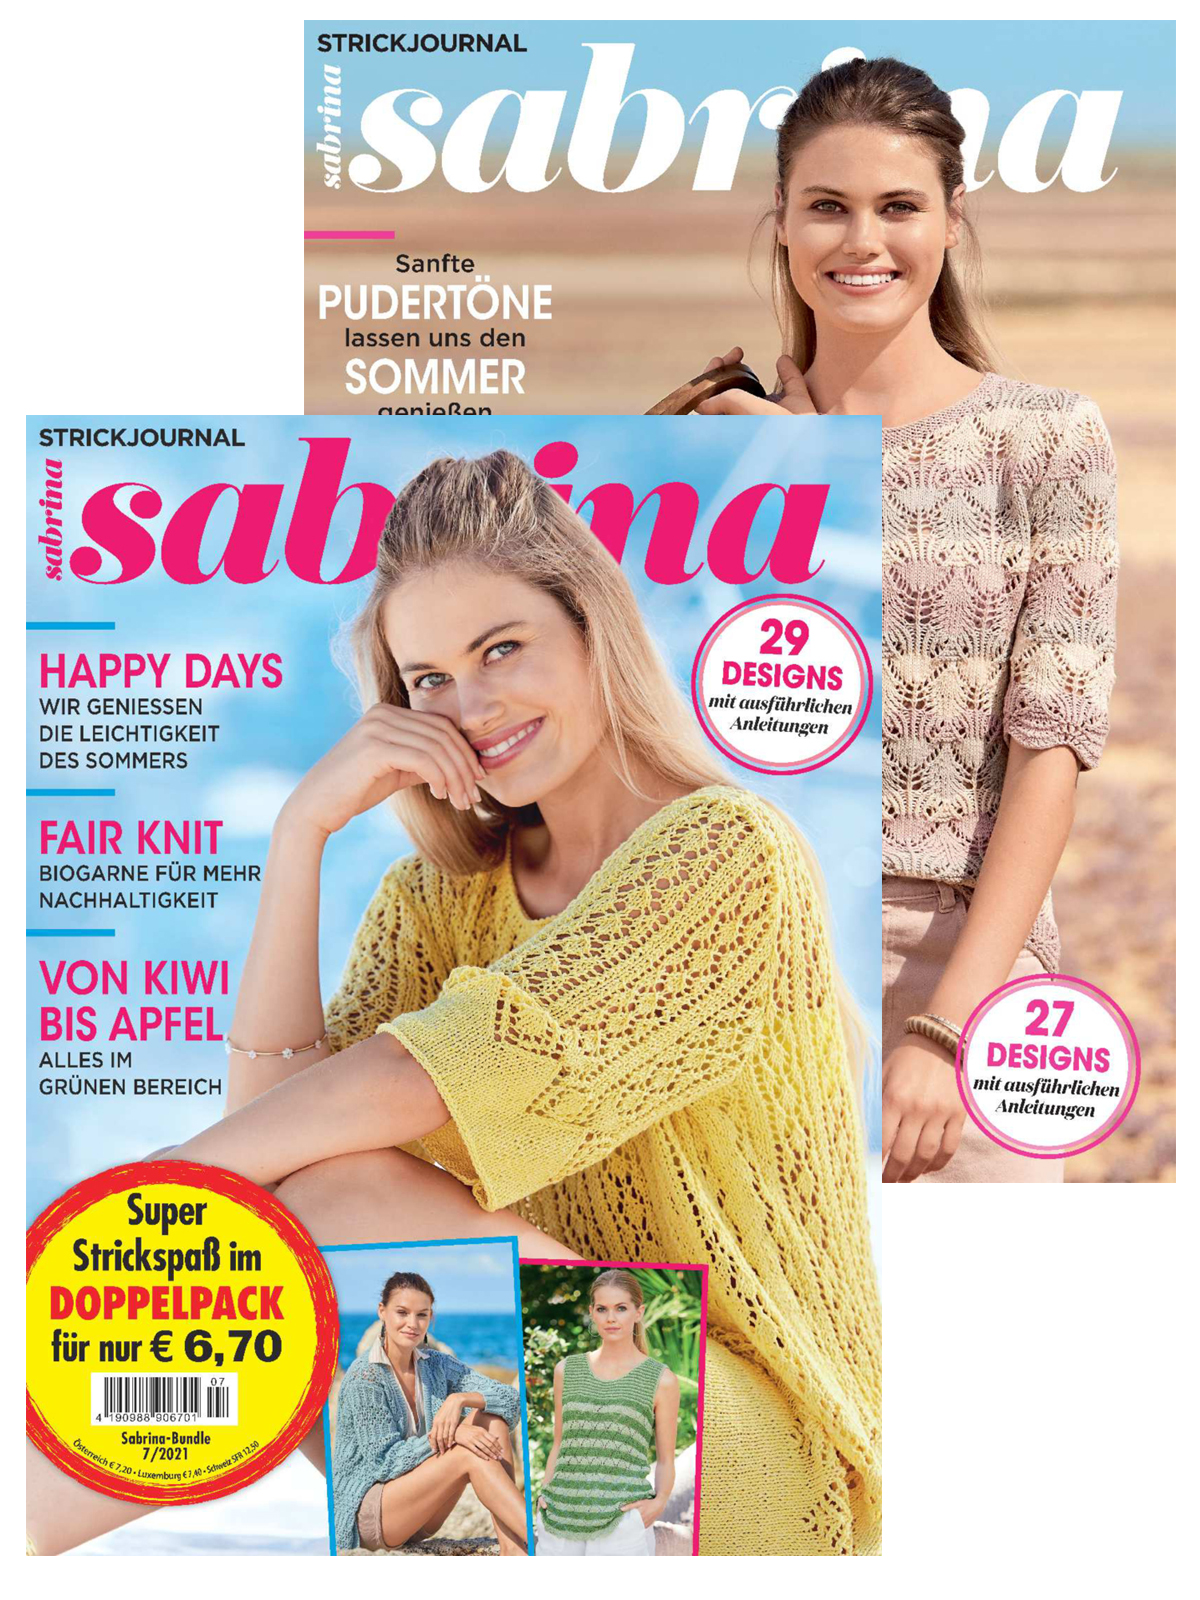 2 Zeitschriften: Sabrina Nr. 07/2021 und Sabrina Nr. 08/2020